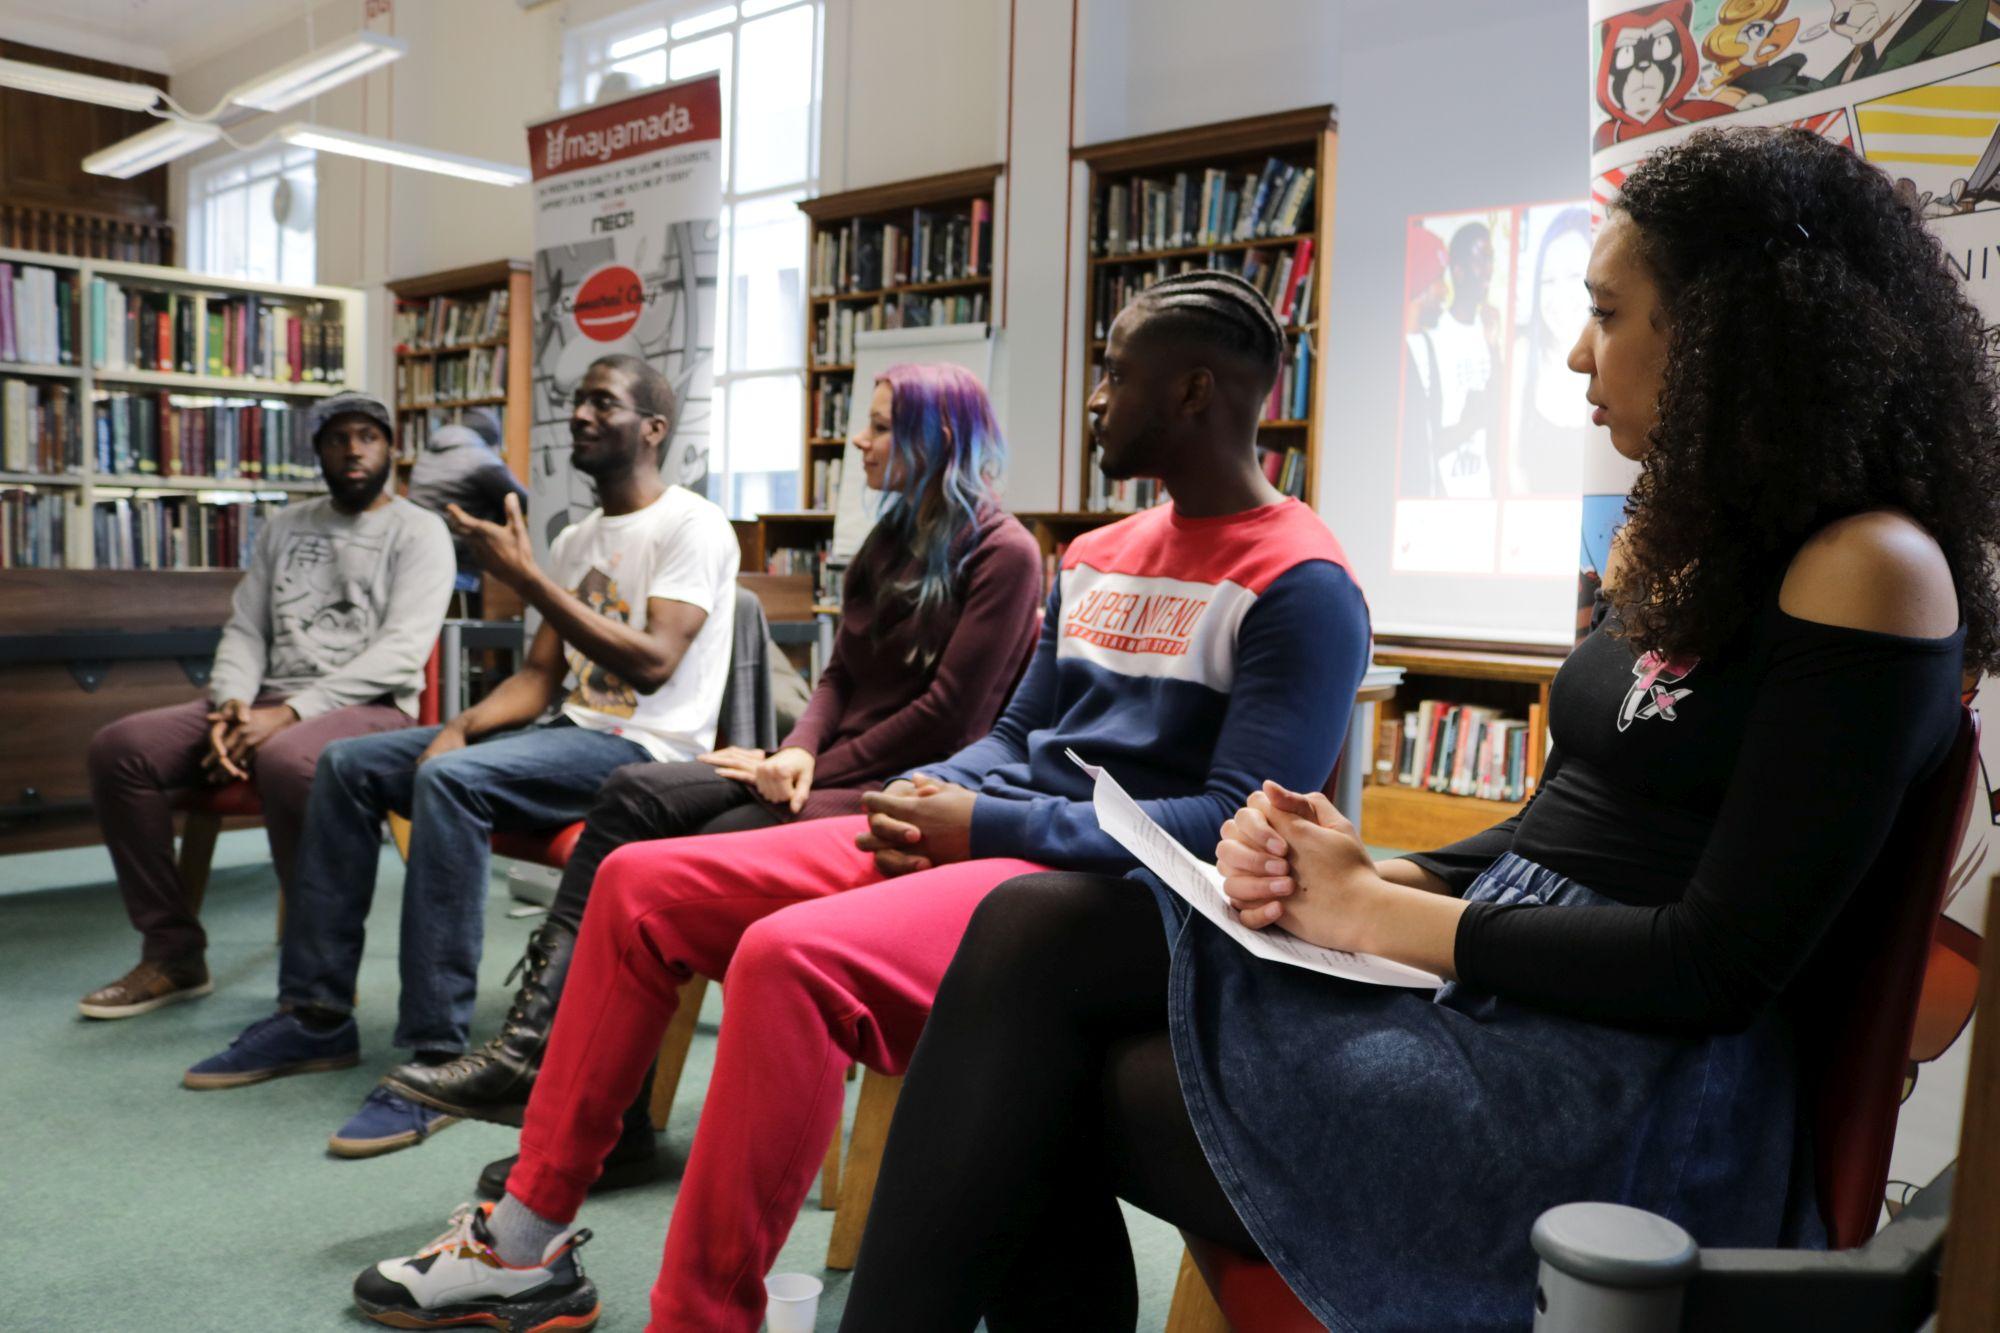 Creative Panel with Taziii and mayamada